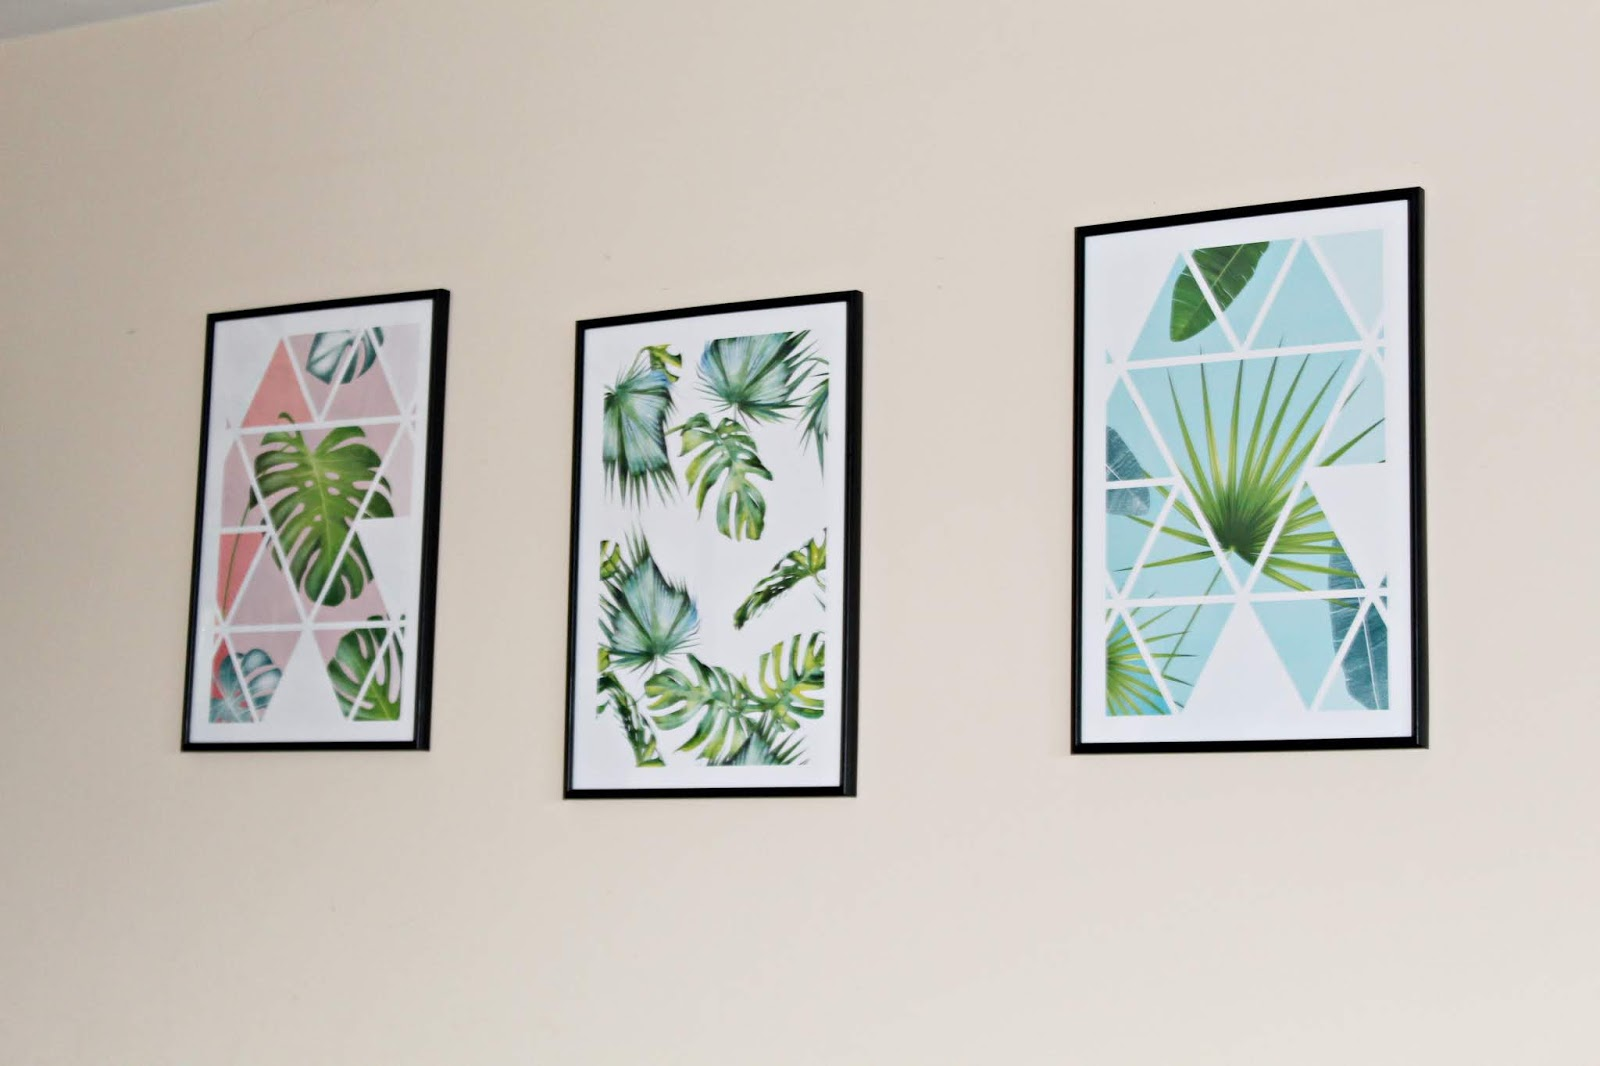 Plakaty na ścianę - oryginalne grafiki ścienne w ramie - Bimago